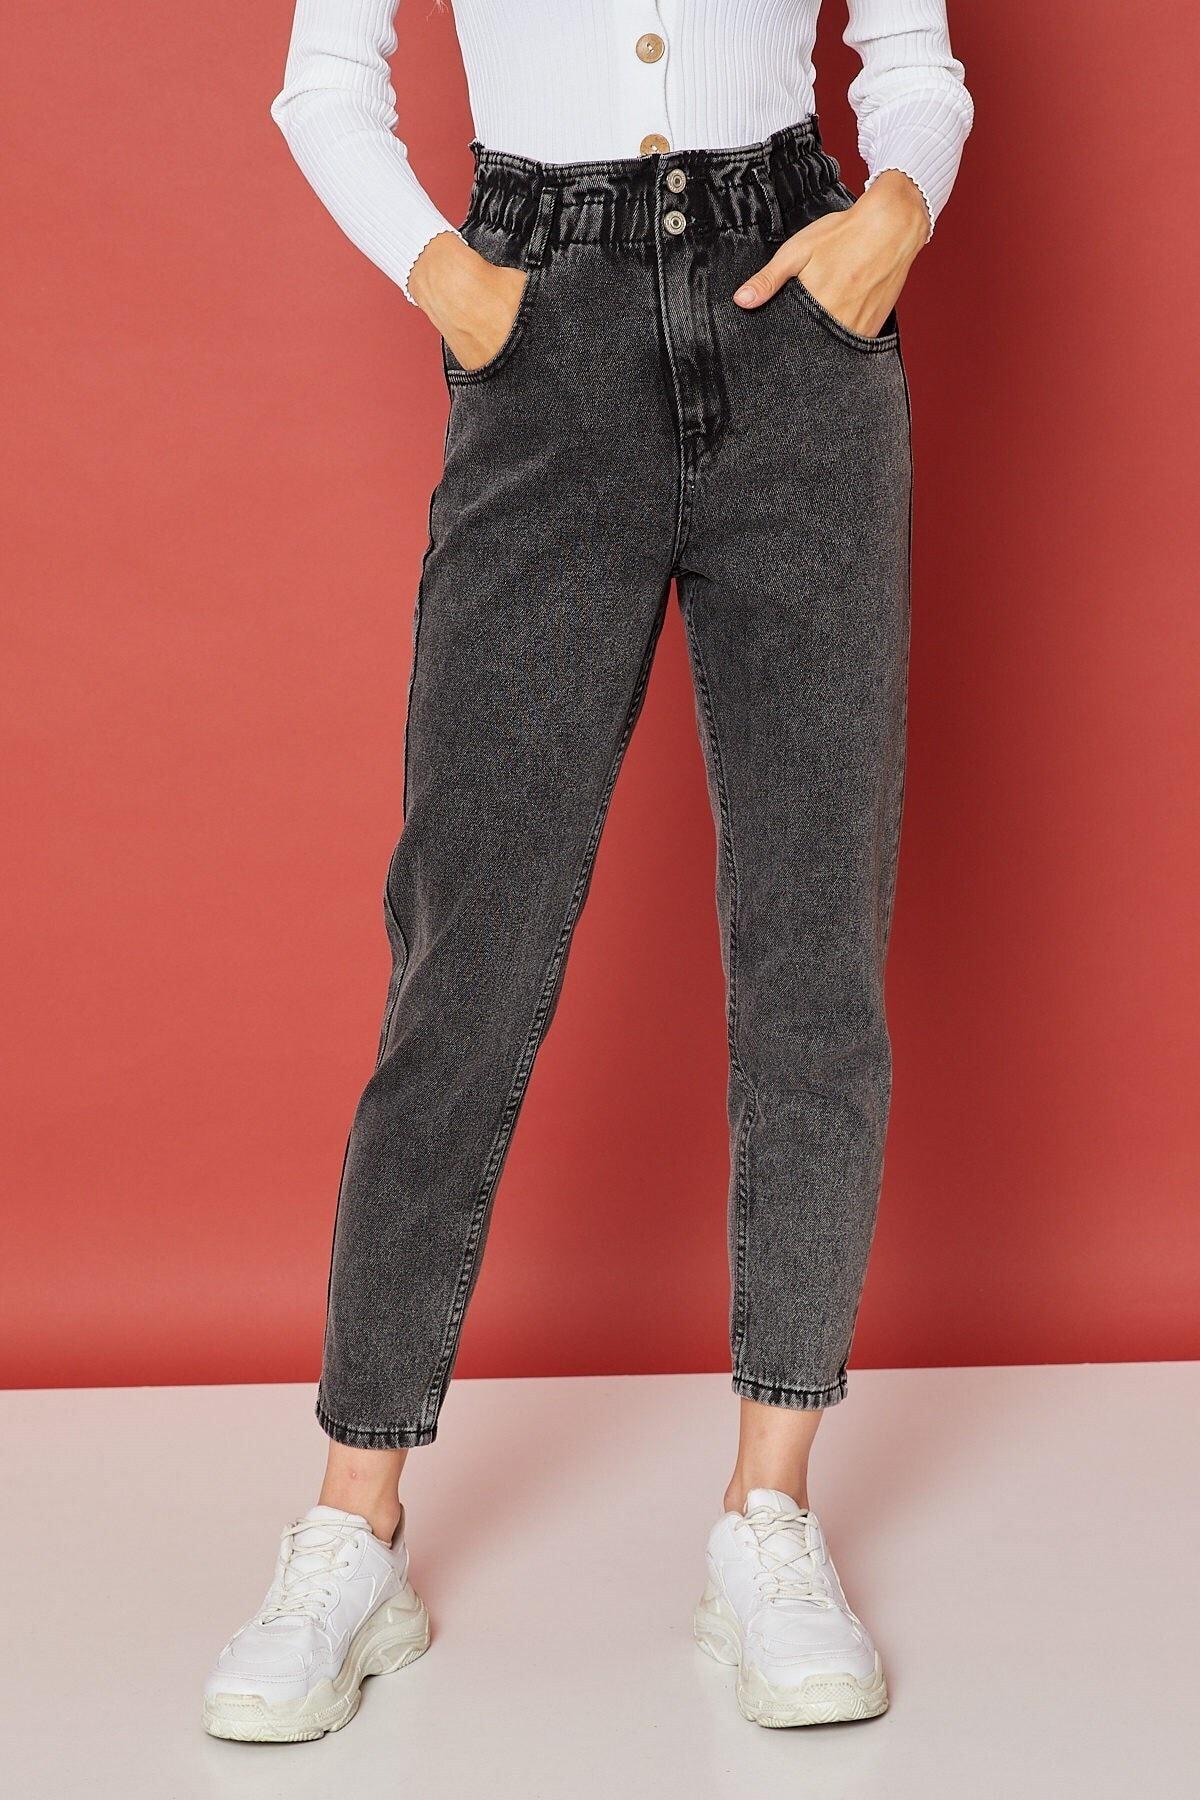 Arma Life Kadın Füme Beli Büzgülü Çift Düğmeli Pantolon 2